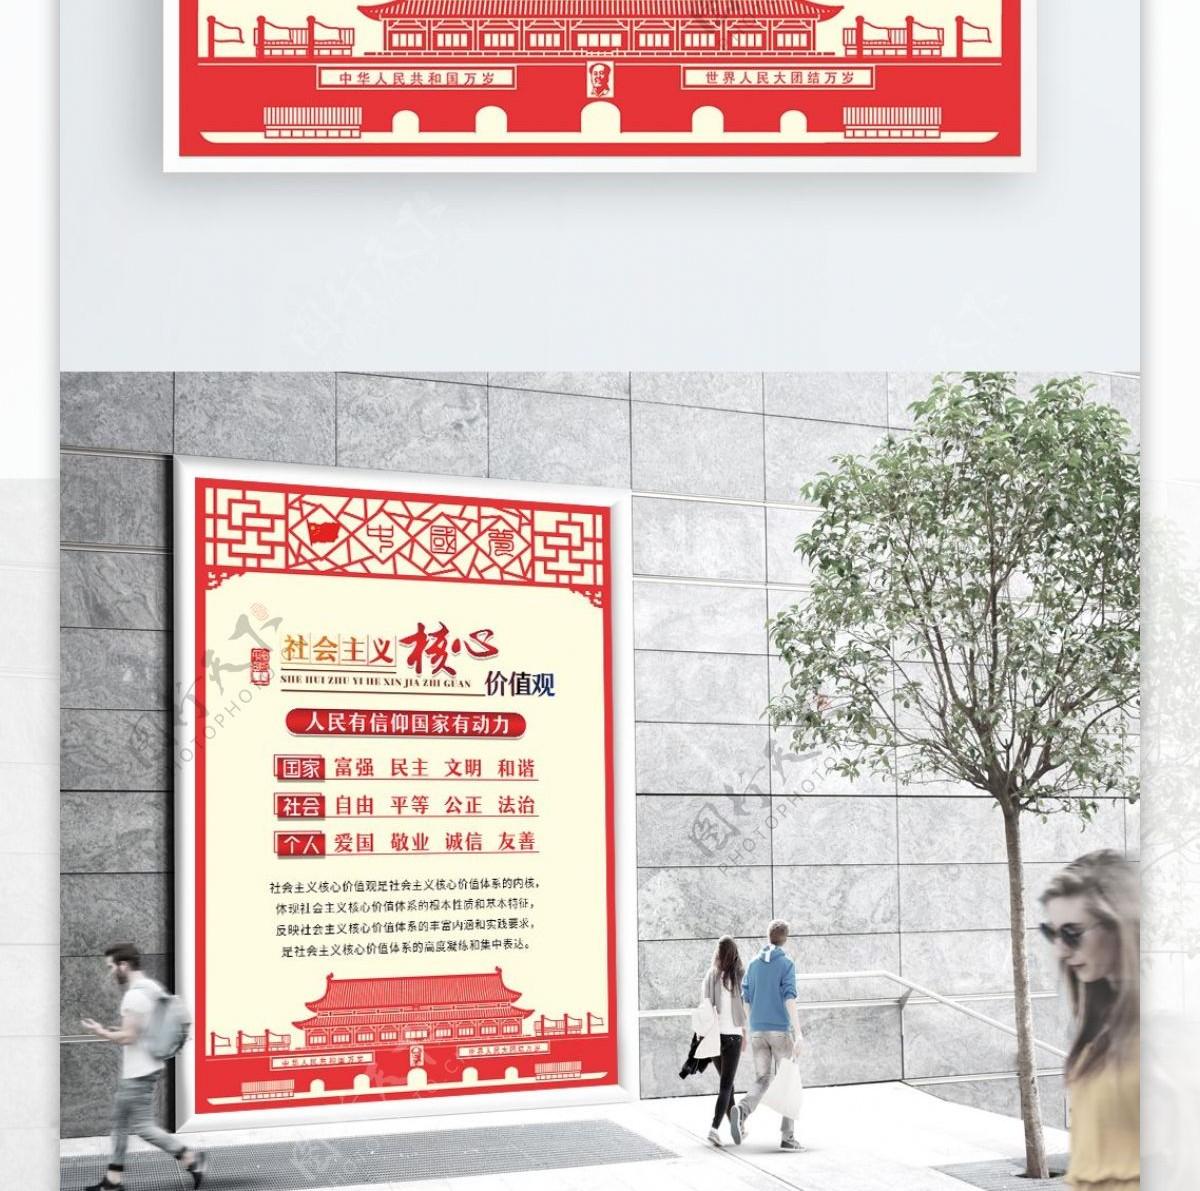 社会主义核心价值观原创党建海报